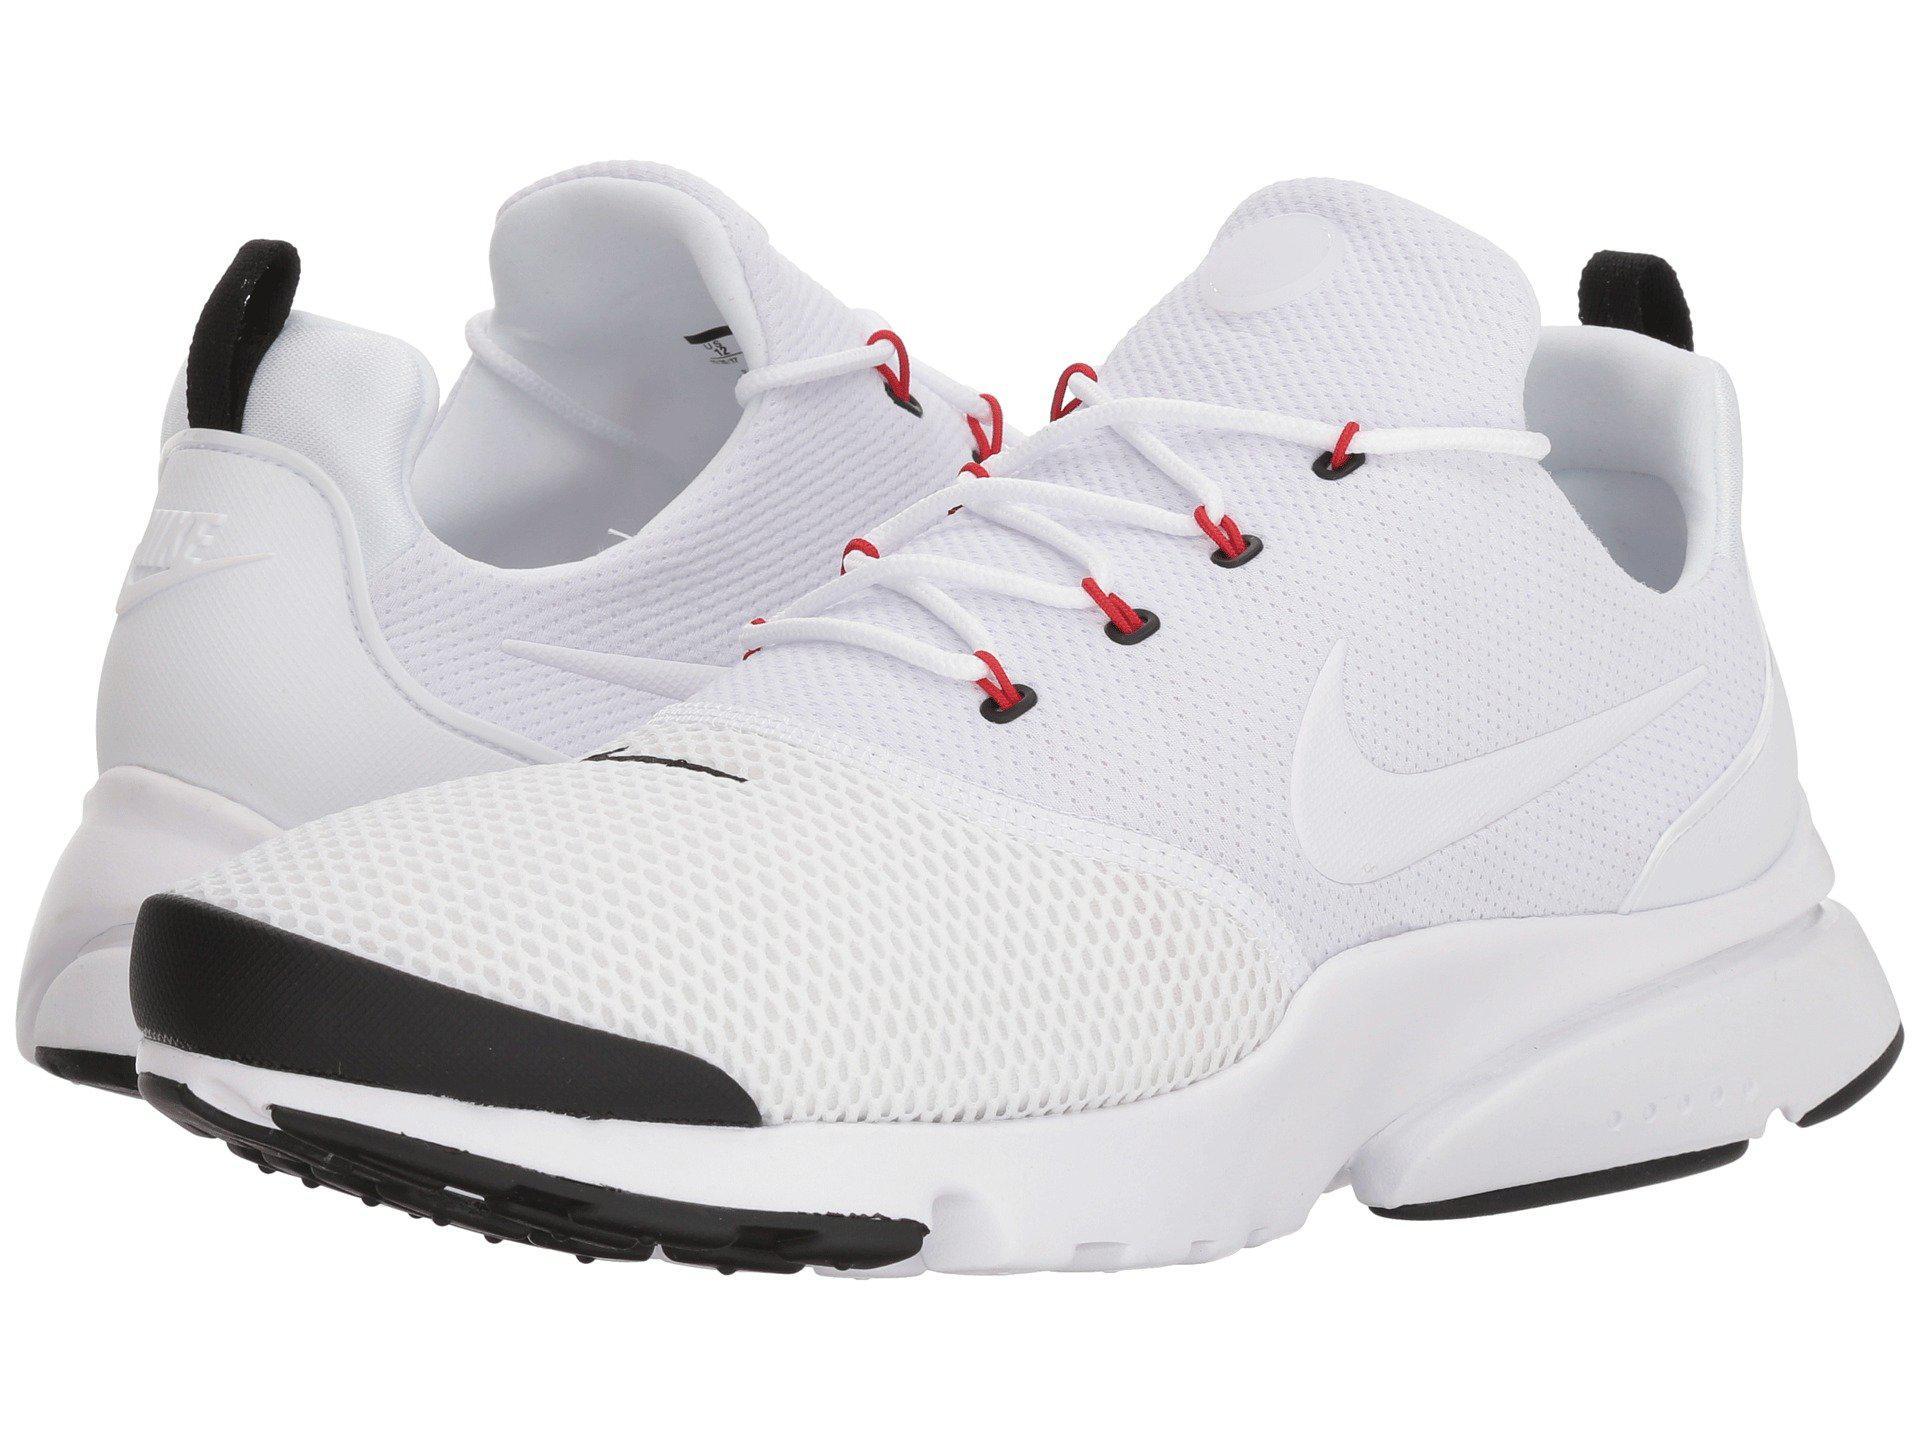 40a3f3079a97 whitewhiteblackuniversity Lyst Red Men s Nike Fly Presto qpw8wBt6